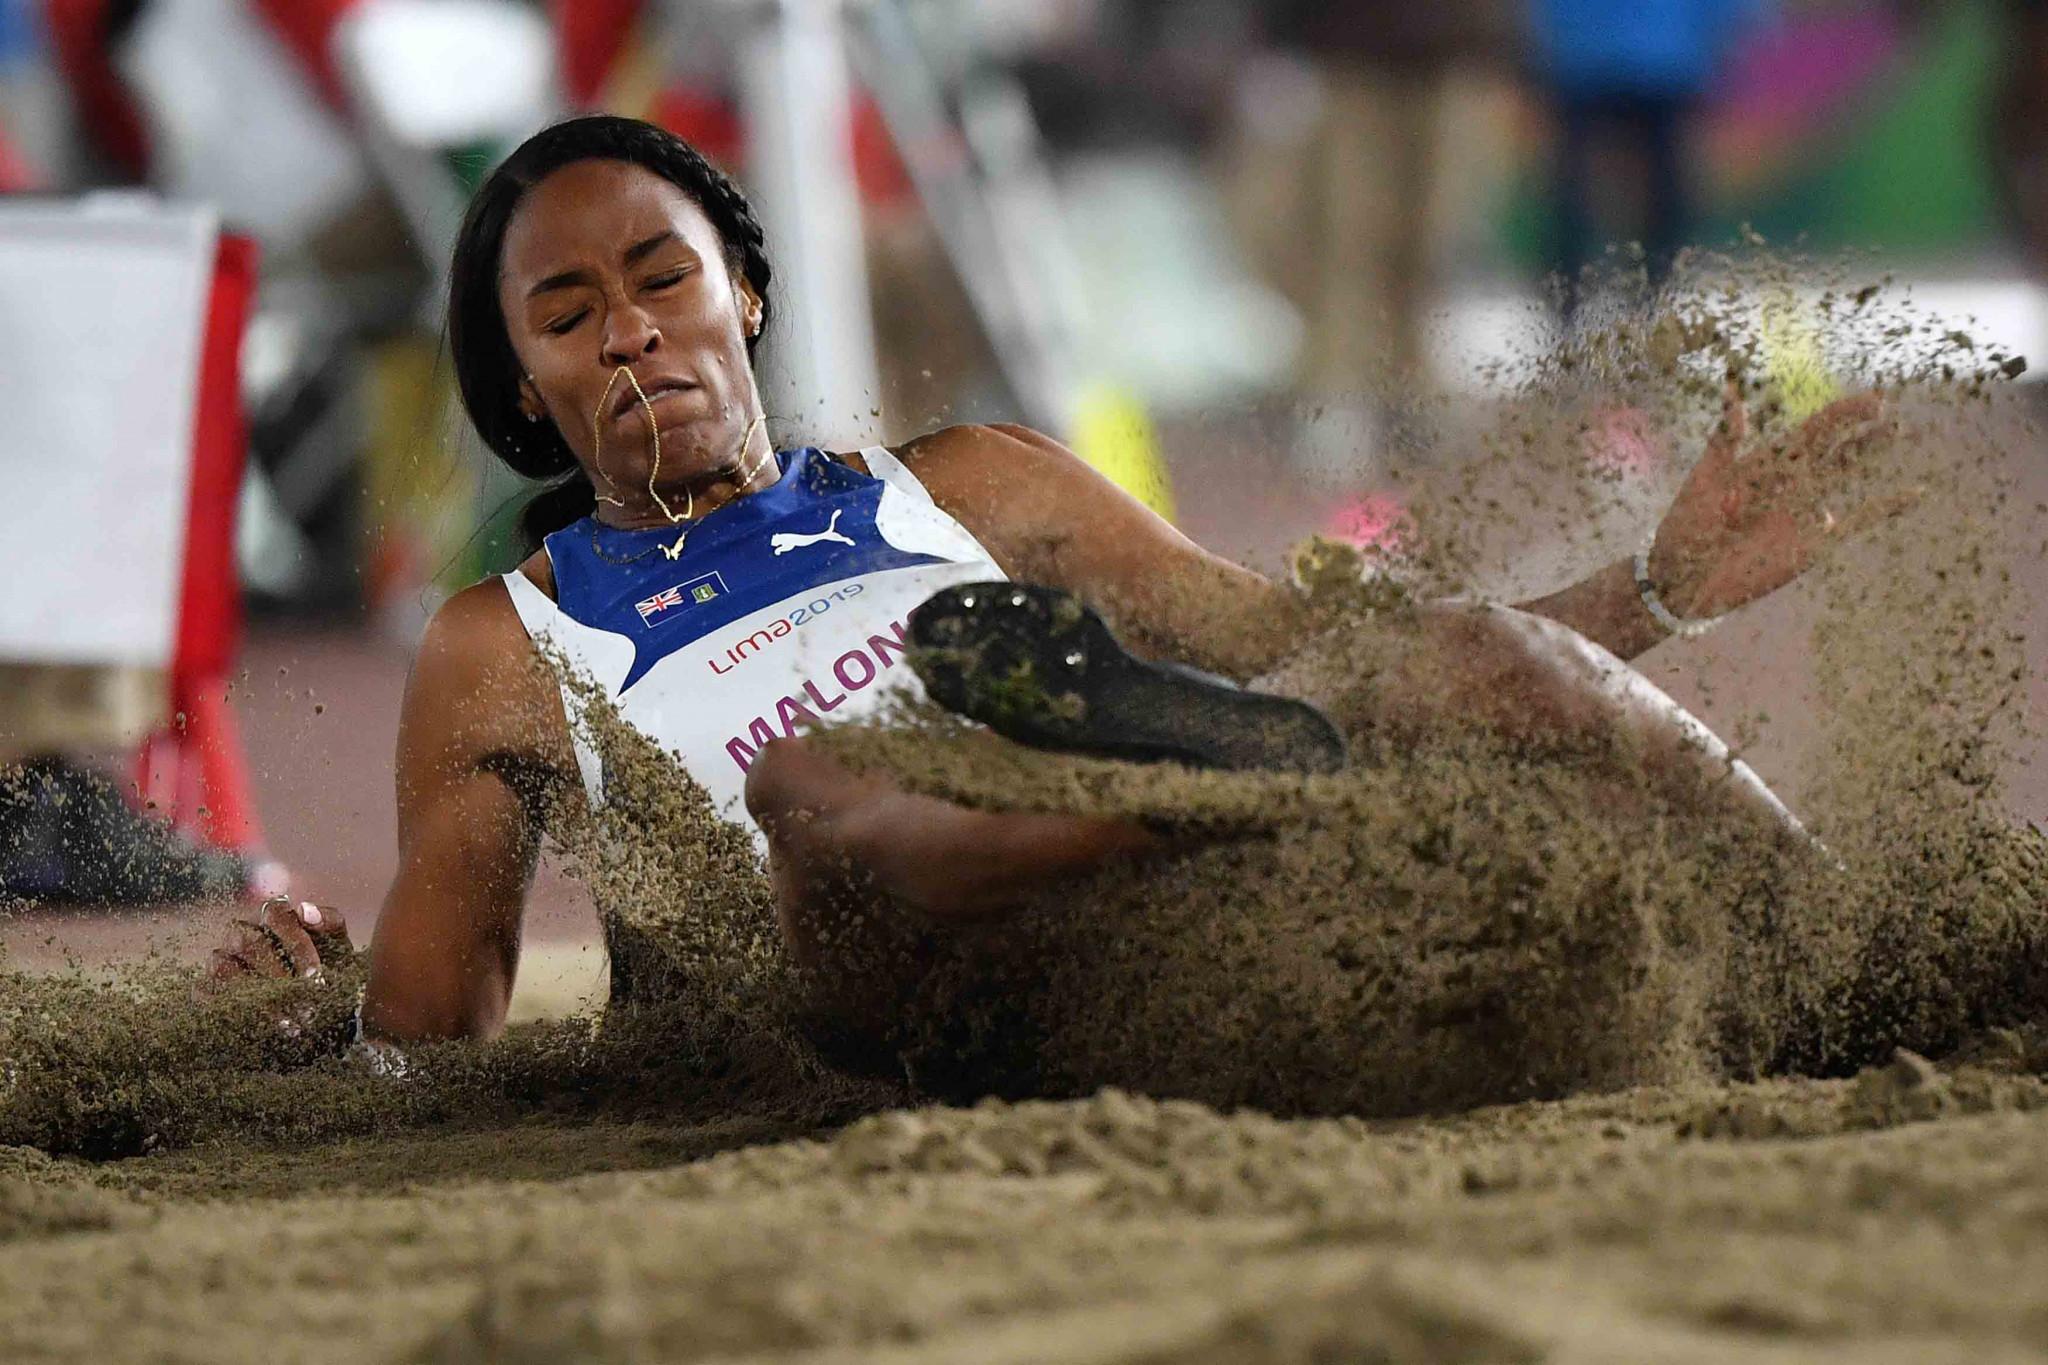 British Virgin Islands at the 2019 Pan American Games